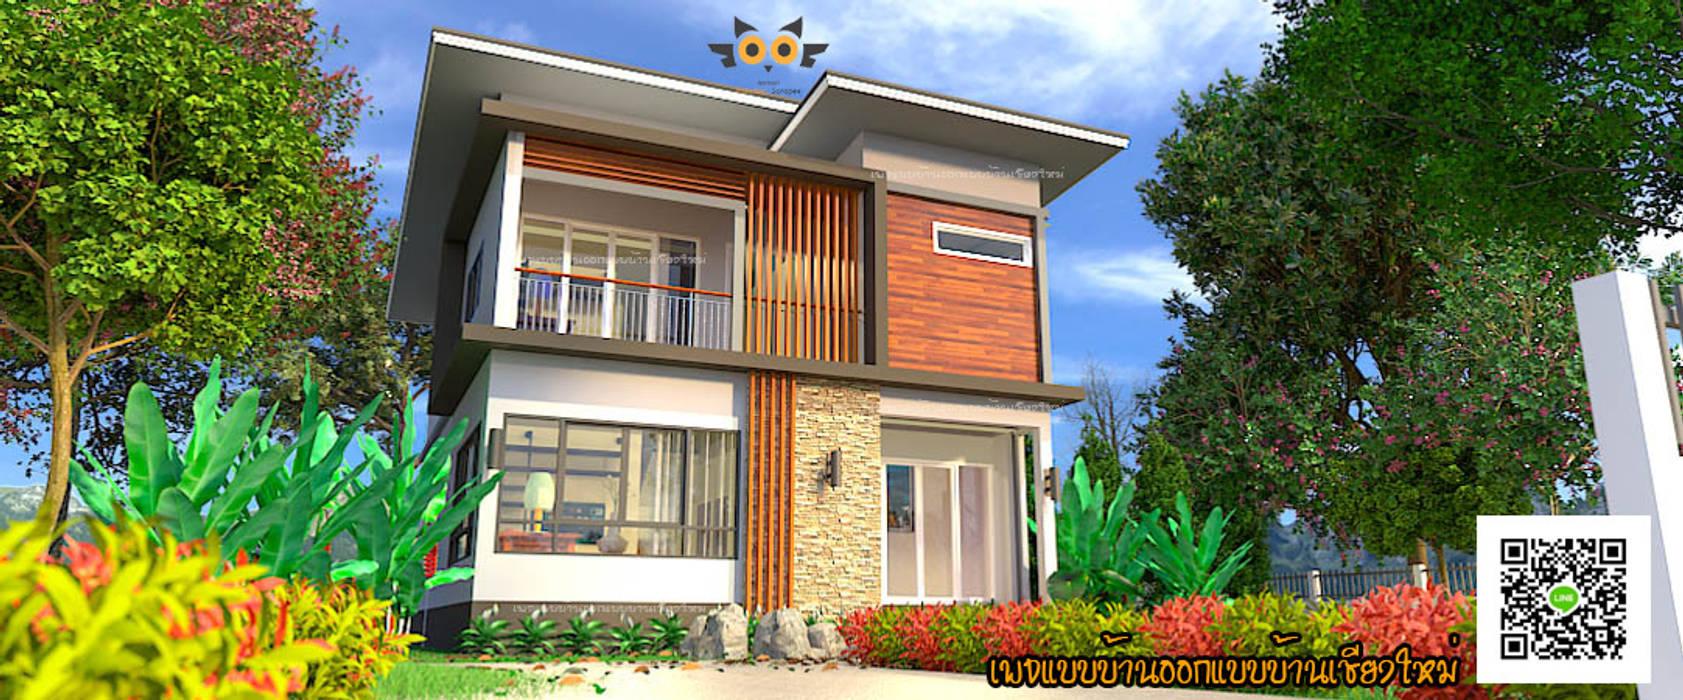 บ้านพักอาศัยสองชั้น อ.สันป่าตอง จ.เชียงใหม่:  บ้านและที่อยู่อาศัย by แบบบ้านออกแบบบ้านเชียงใหม่